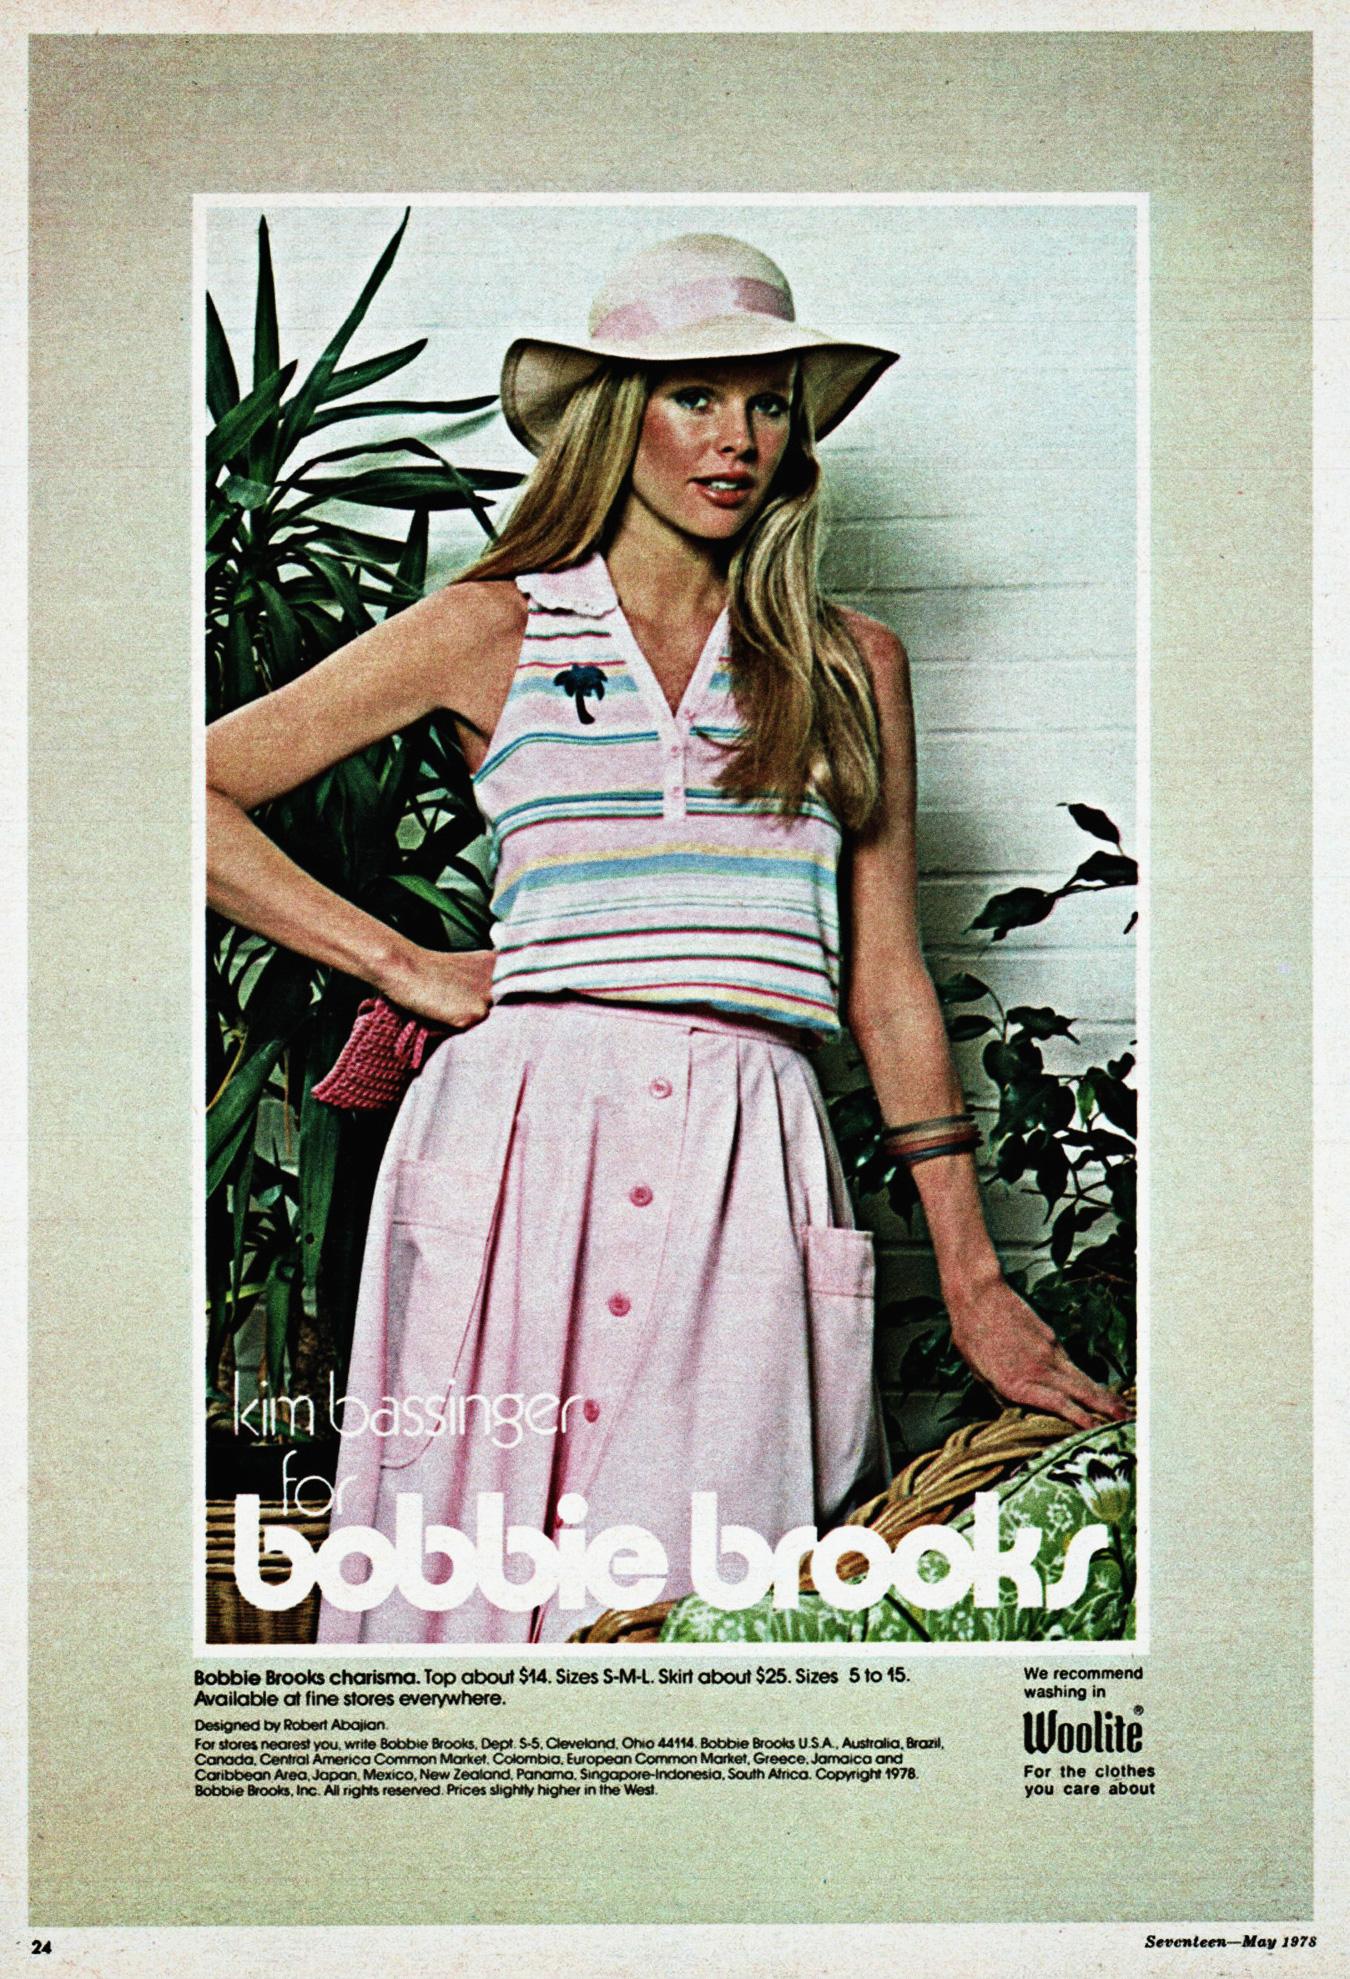 Kim Bassinger for Bobbie Brooks